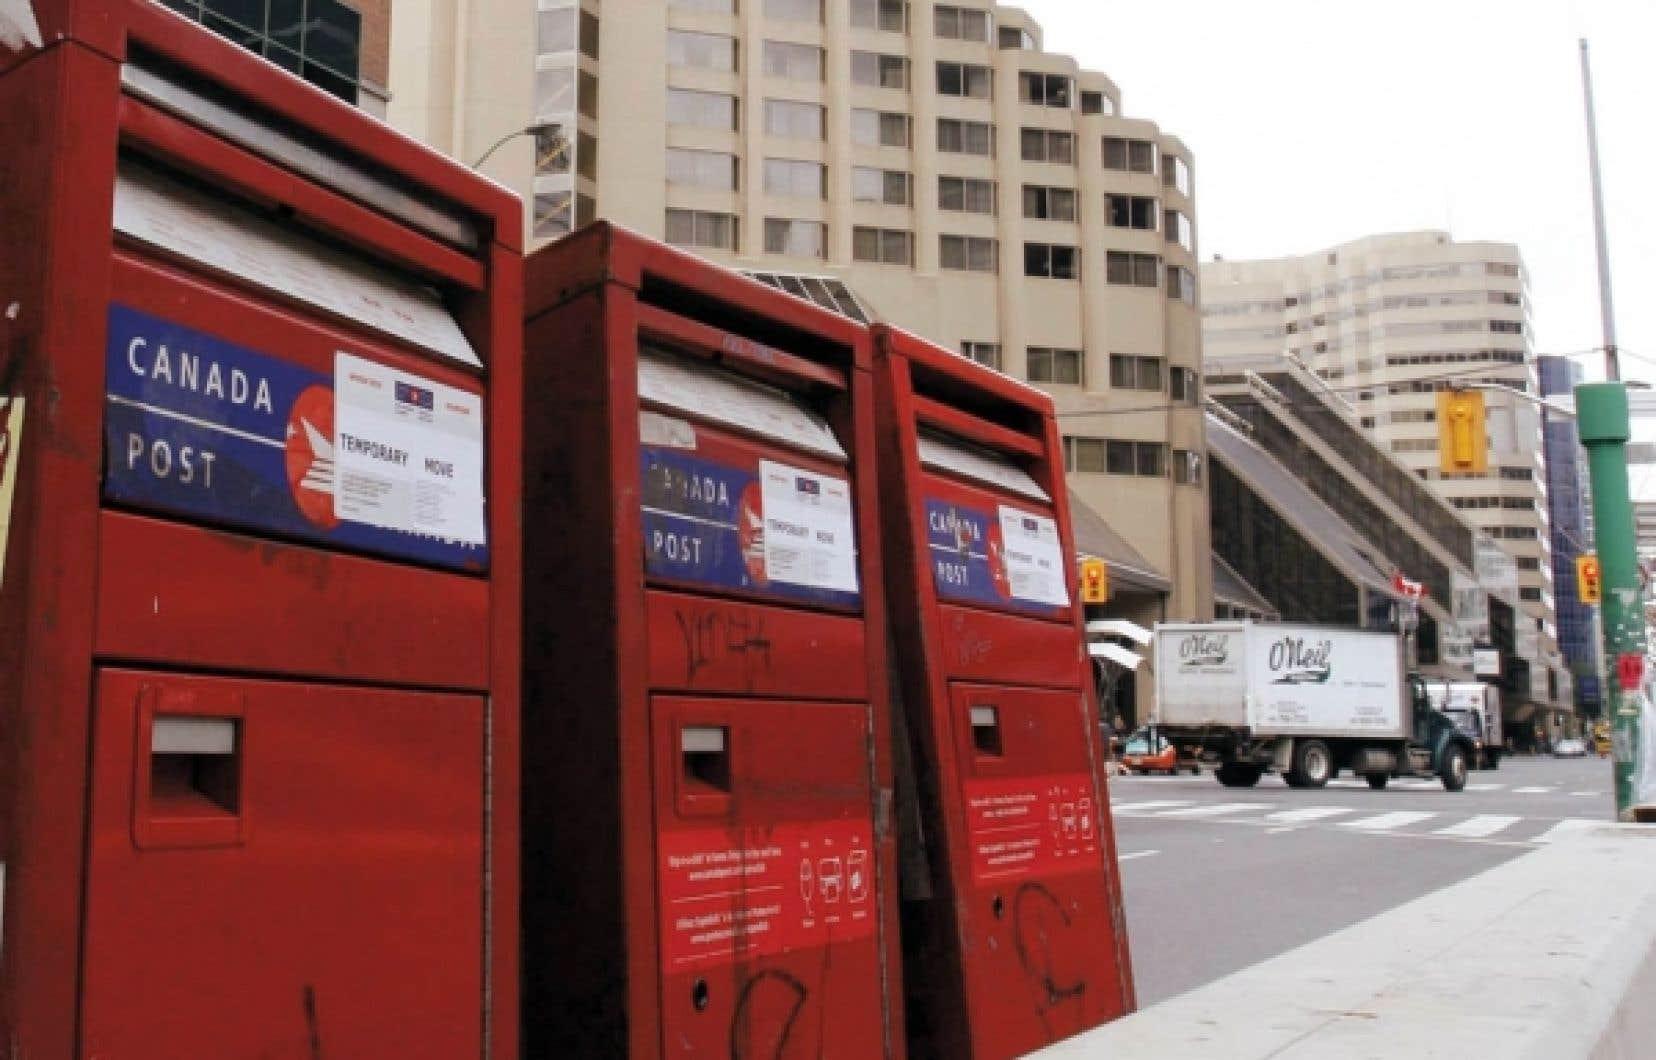 Selon Postes Canada, la situation est à peu près revenue à la normale hier. Le système traite maintenant le courrier ayant été posté les 10 et 11 juillet, soutient la porte-parole de la société de la Couronne, Anick Losier.